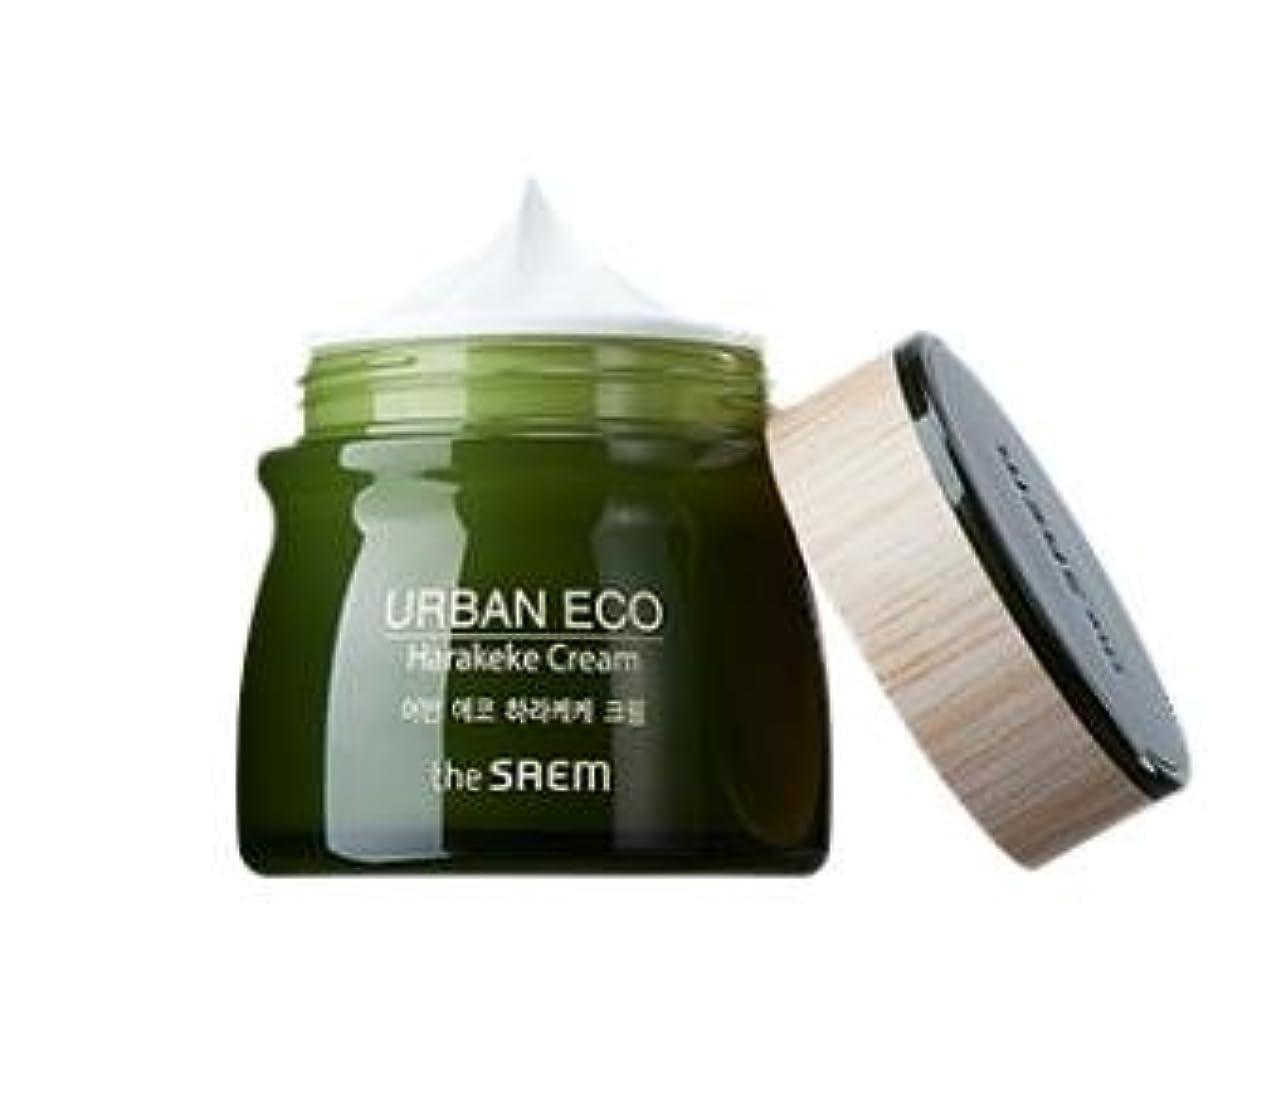 アレイ小間大騒ぎ[NEW]The Saem Urban Eco Harakeke Cream ザセム アーバンエコ ハラケケクリーム [並行輸入品]